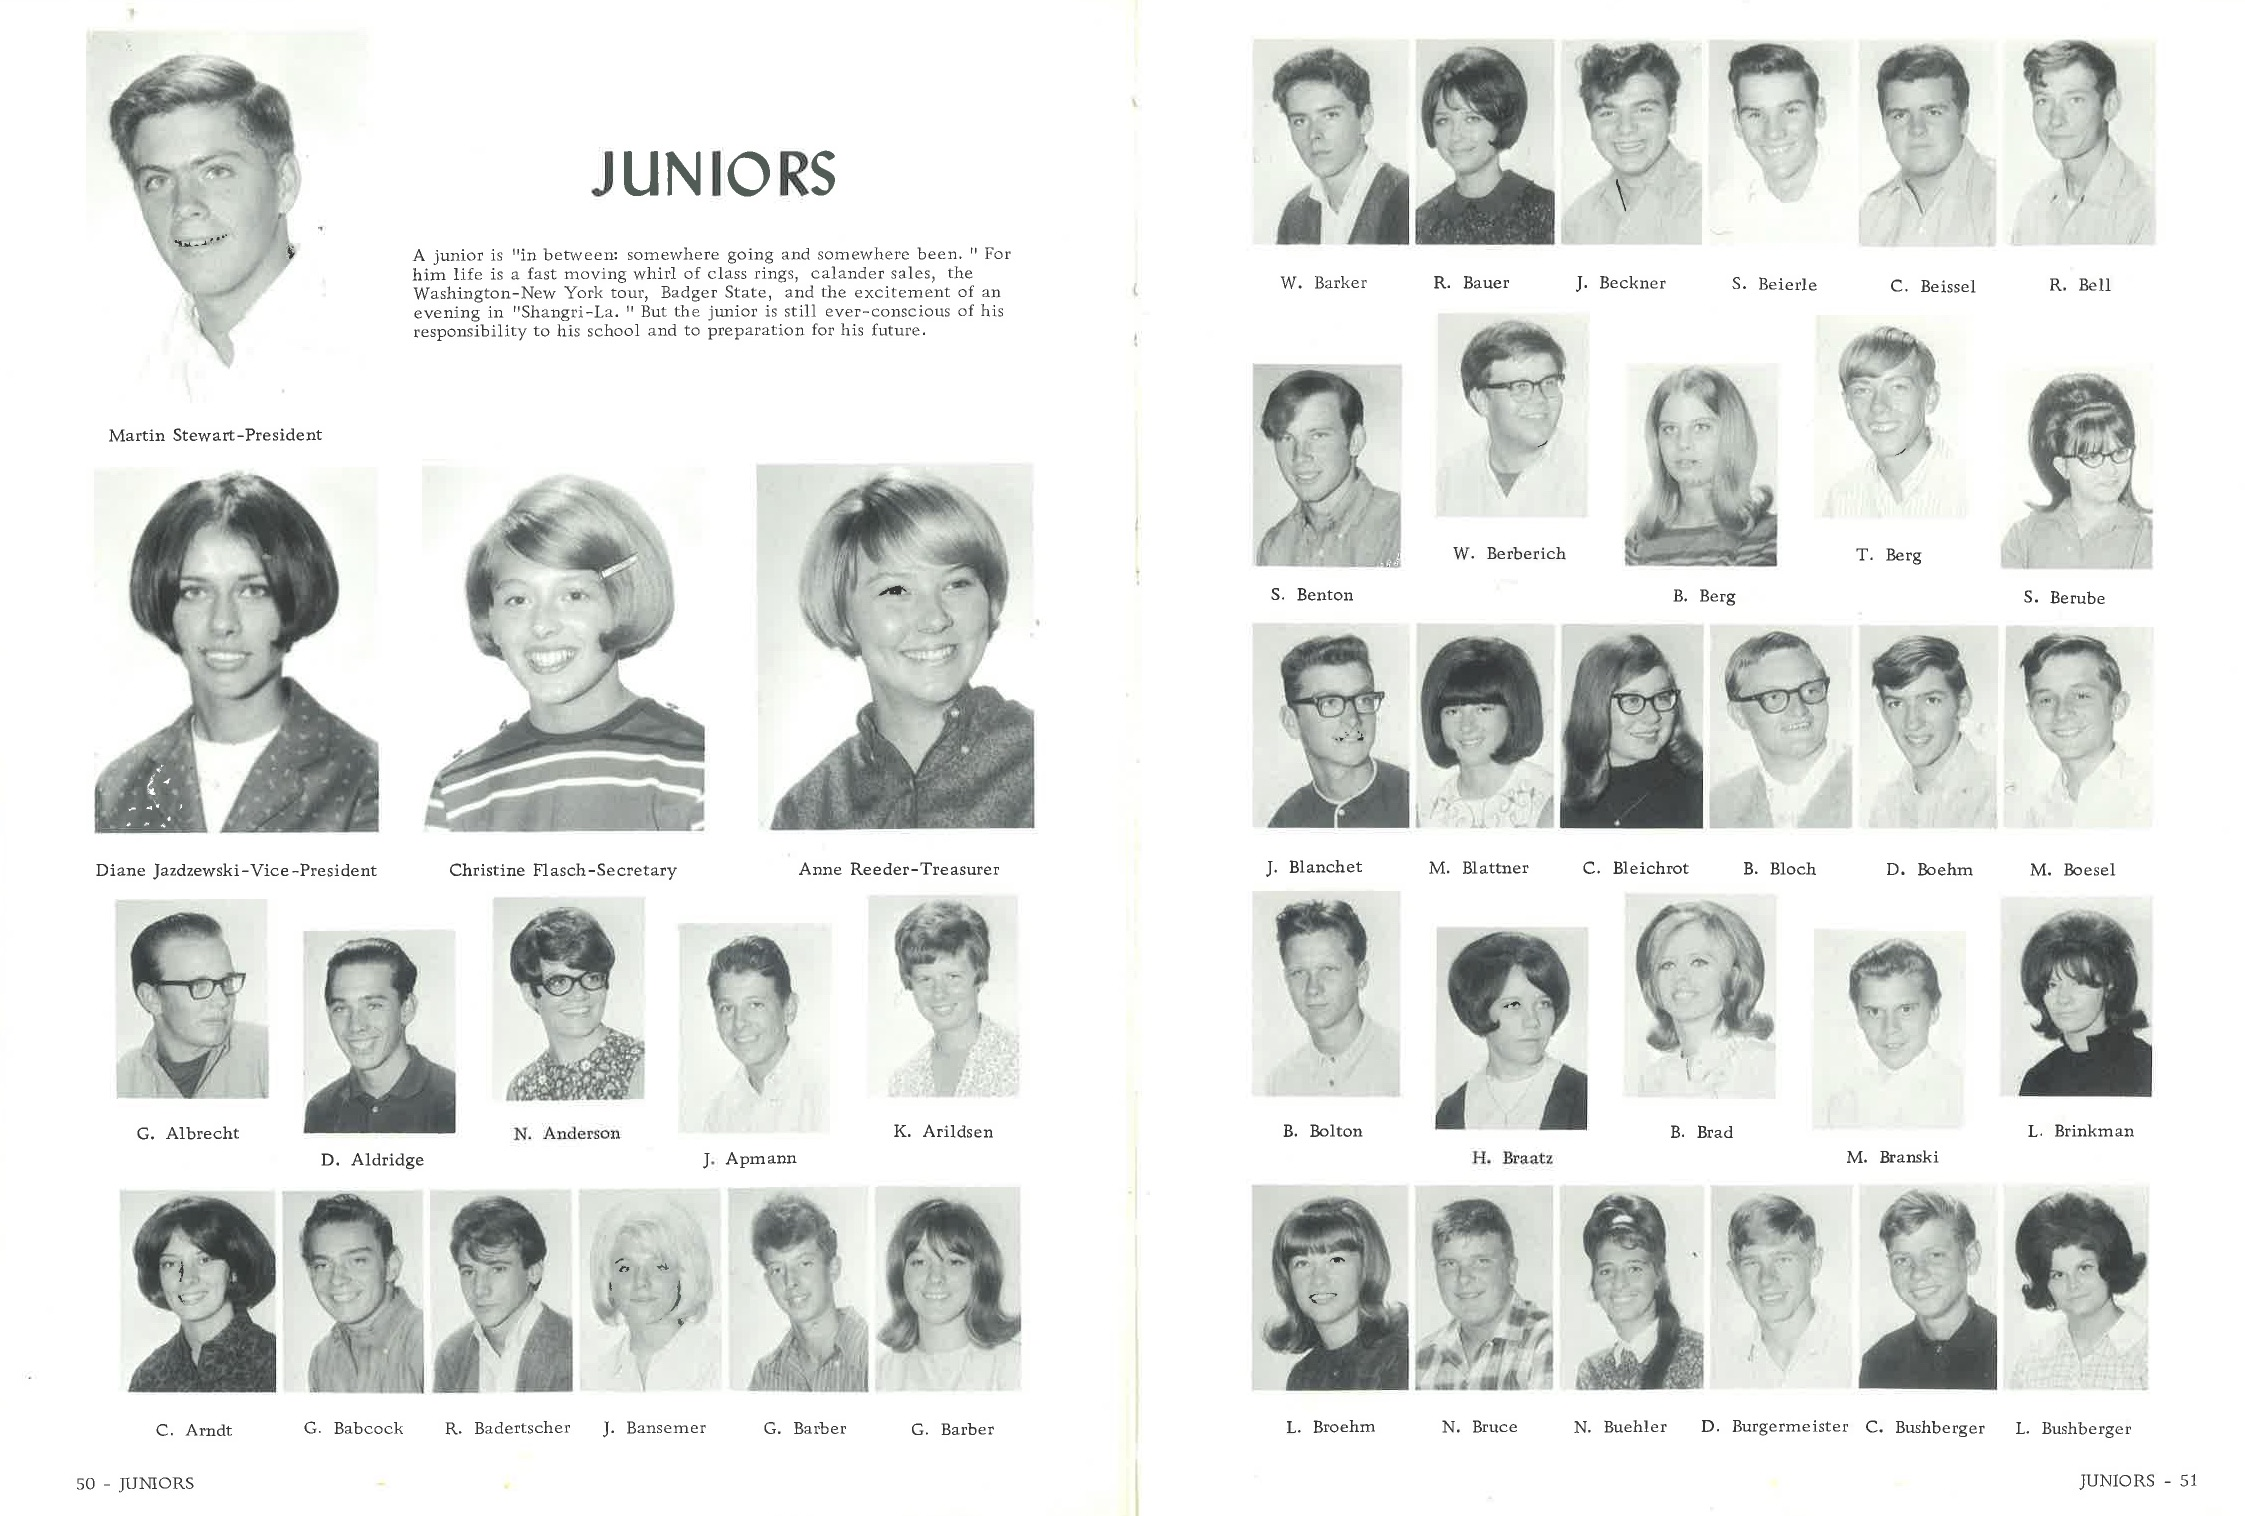 1968_Yearbook_26.jpg